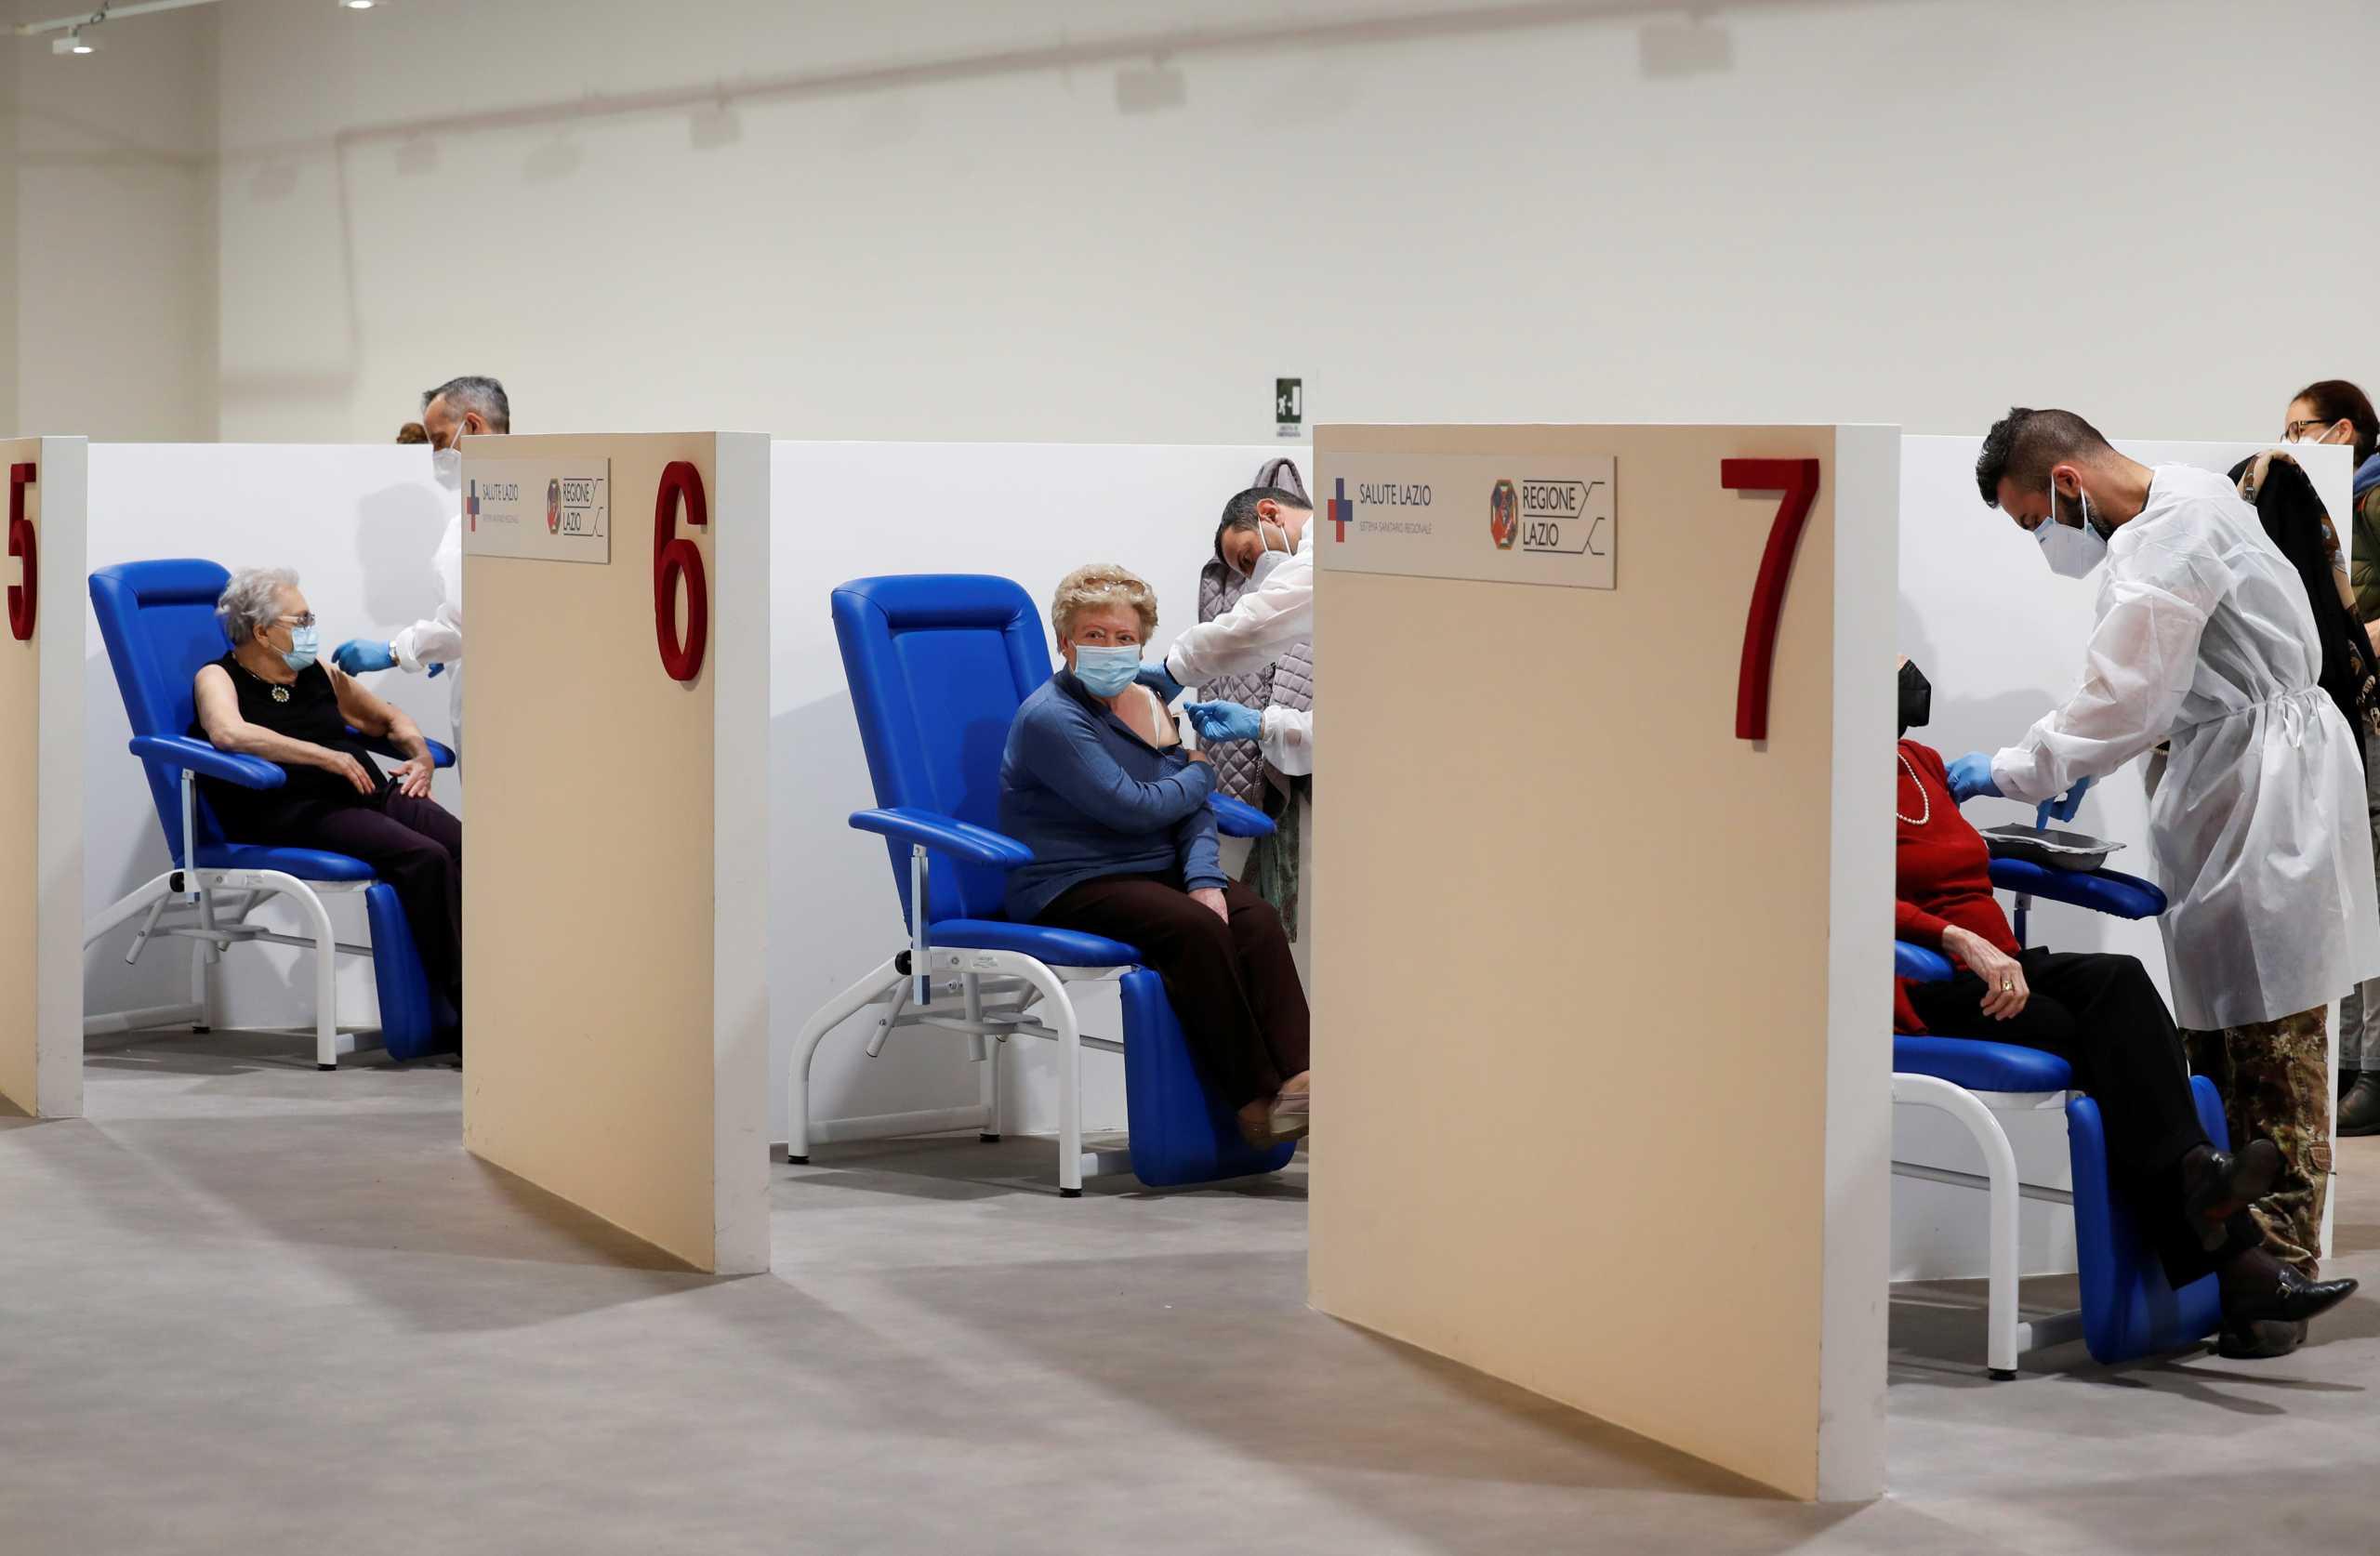 Ιταλία: 500.000 εμβολιασμοί την ημέρα – Στόχος να εμβολιαστεί 60% του πληθυσμού ως τα μέσα Ιουλίου